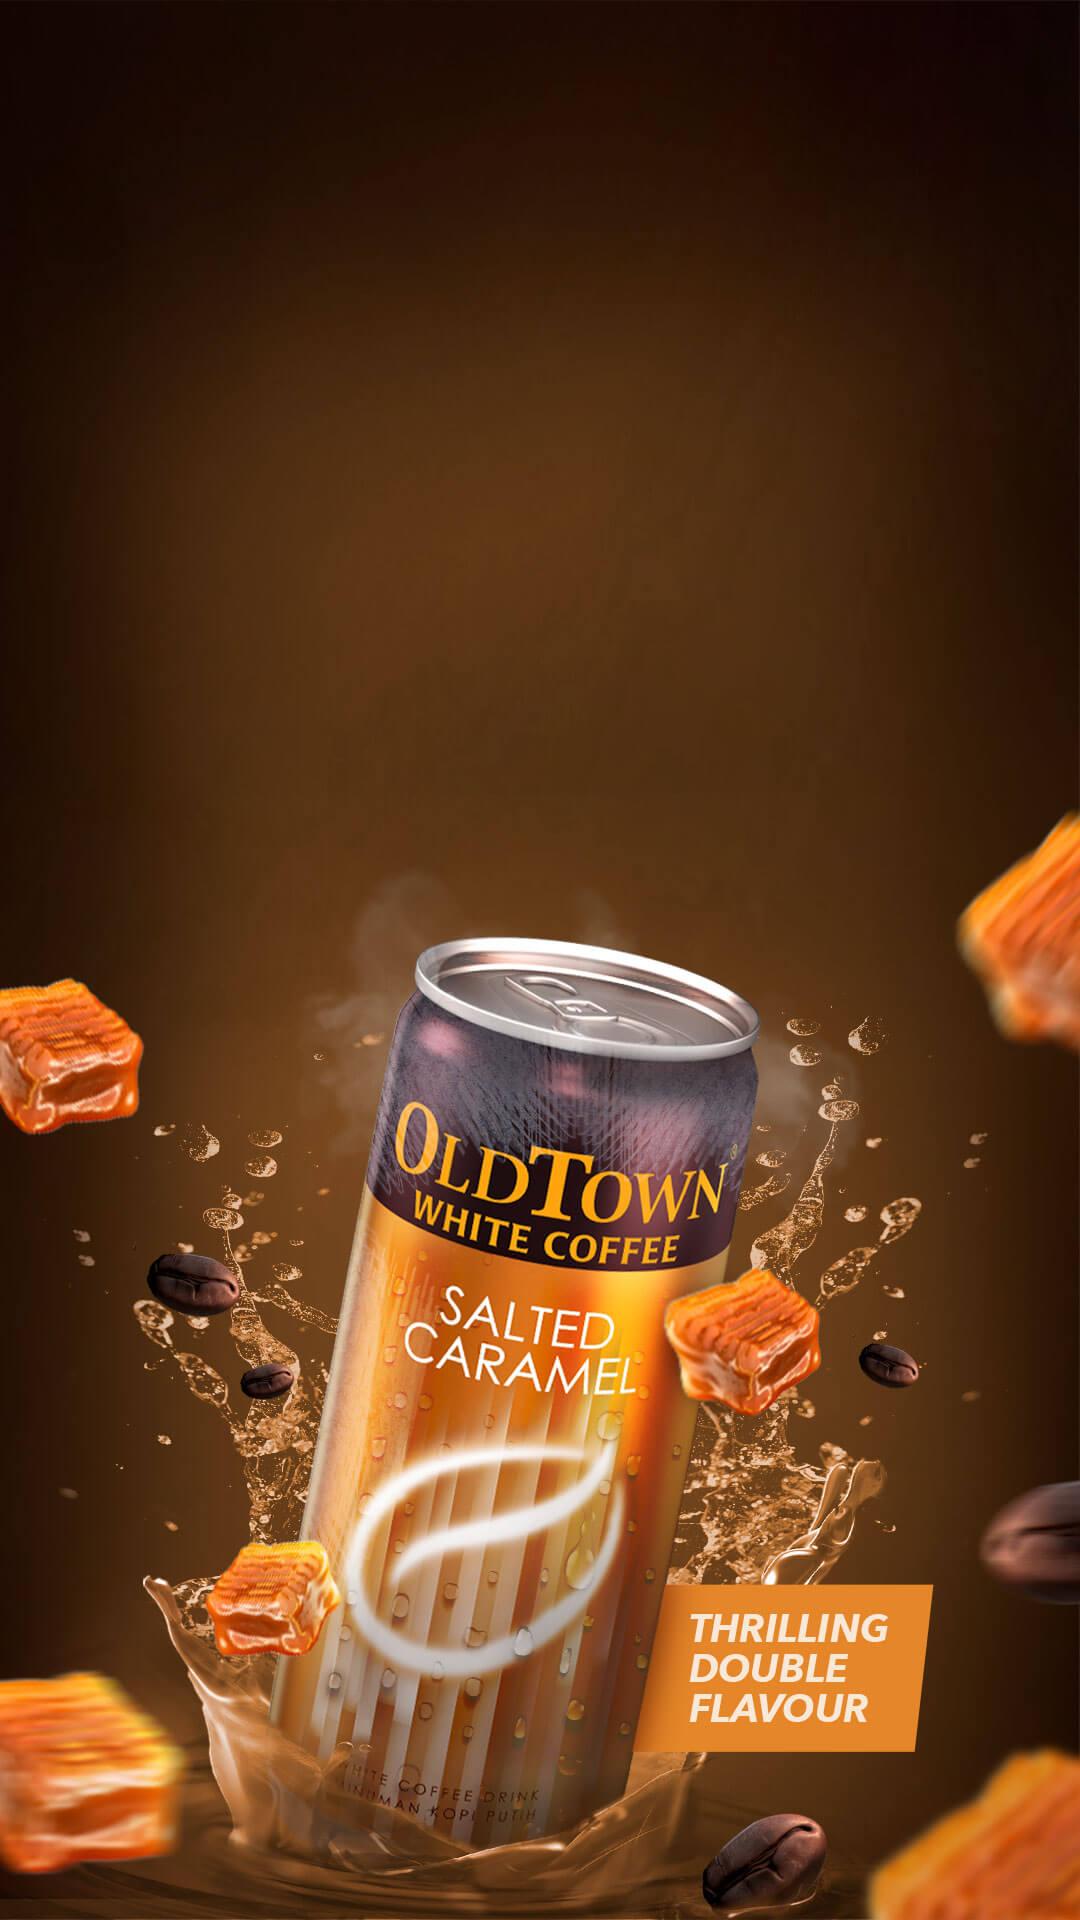 Mobile version caramel flavor slider image